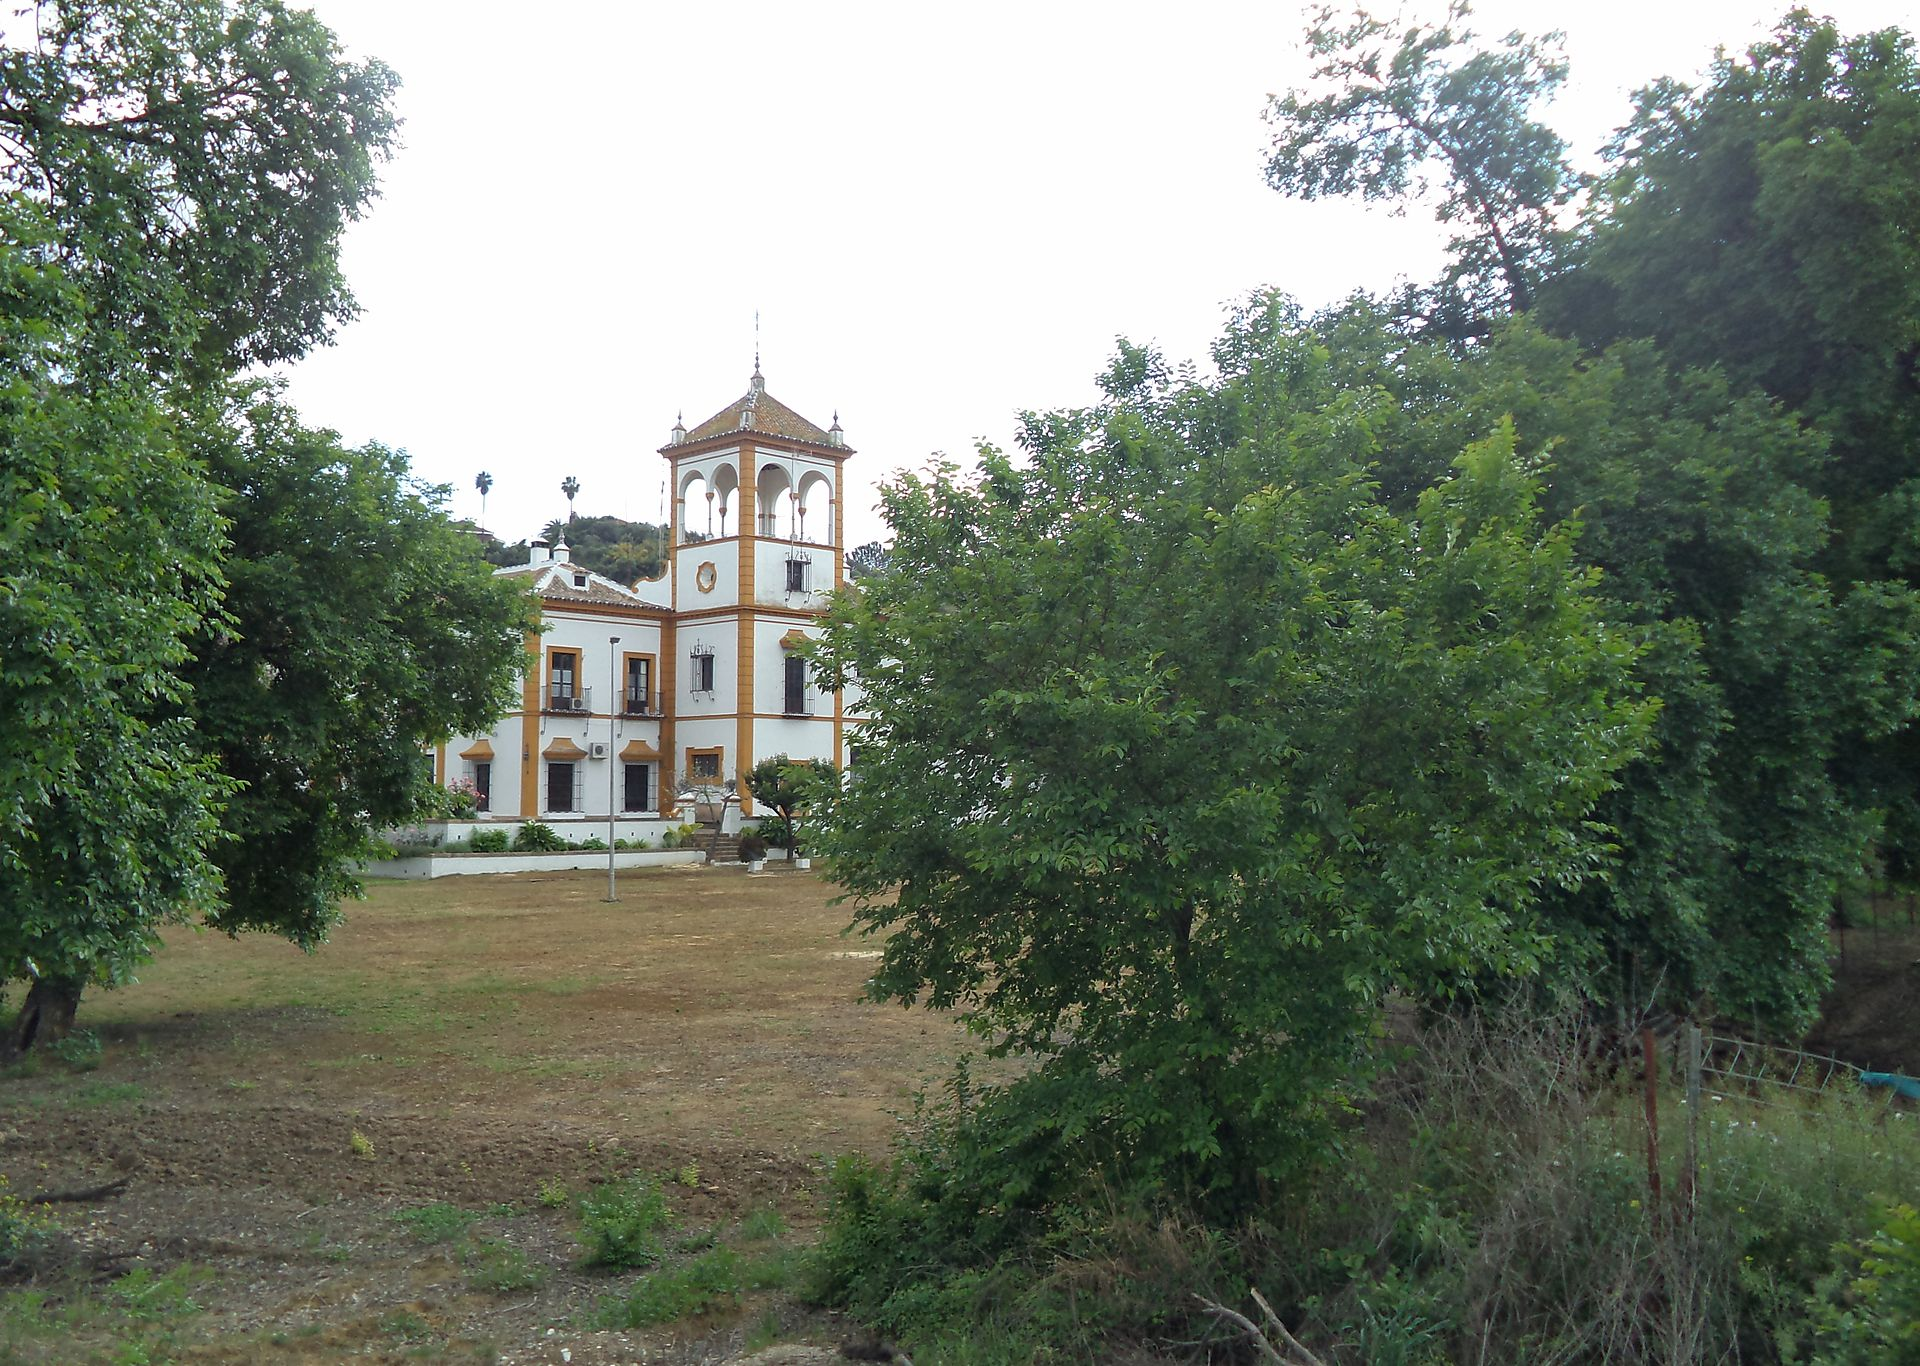 Hacienda sim n verde wikipedia la enciclopedia libre for Alquiler de casas en simon verde sevilla